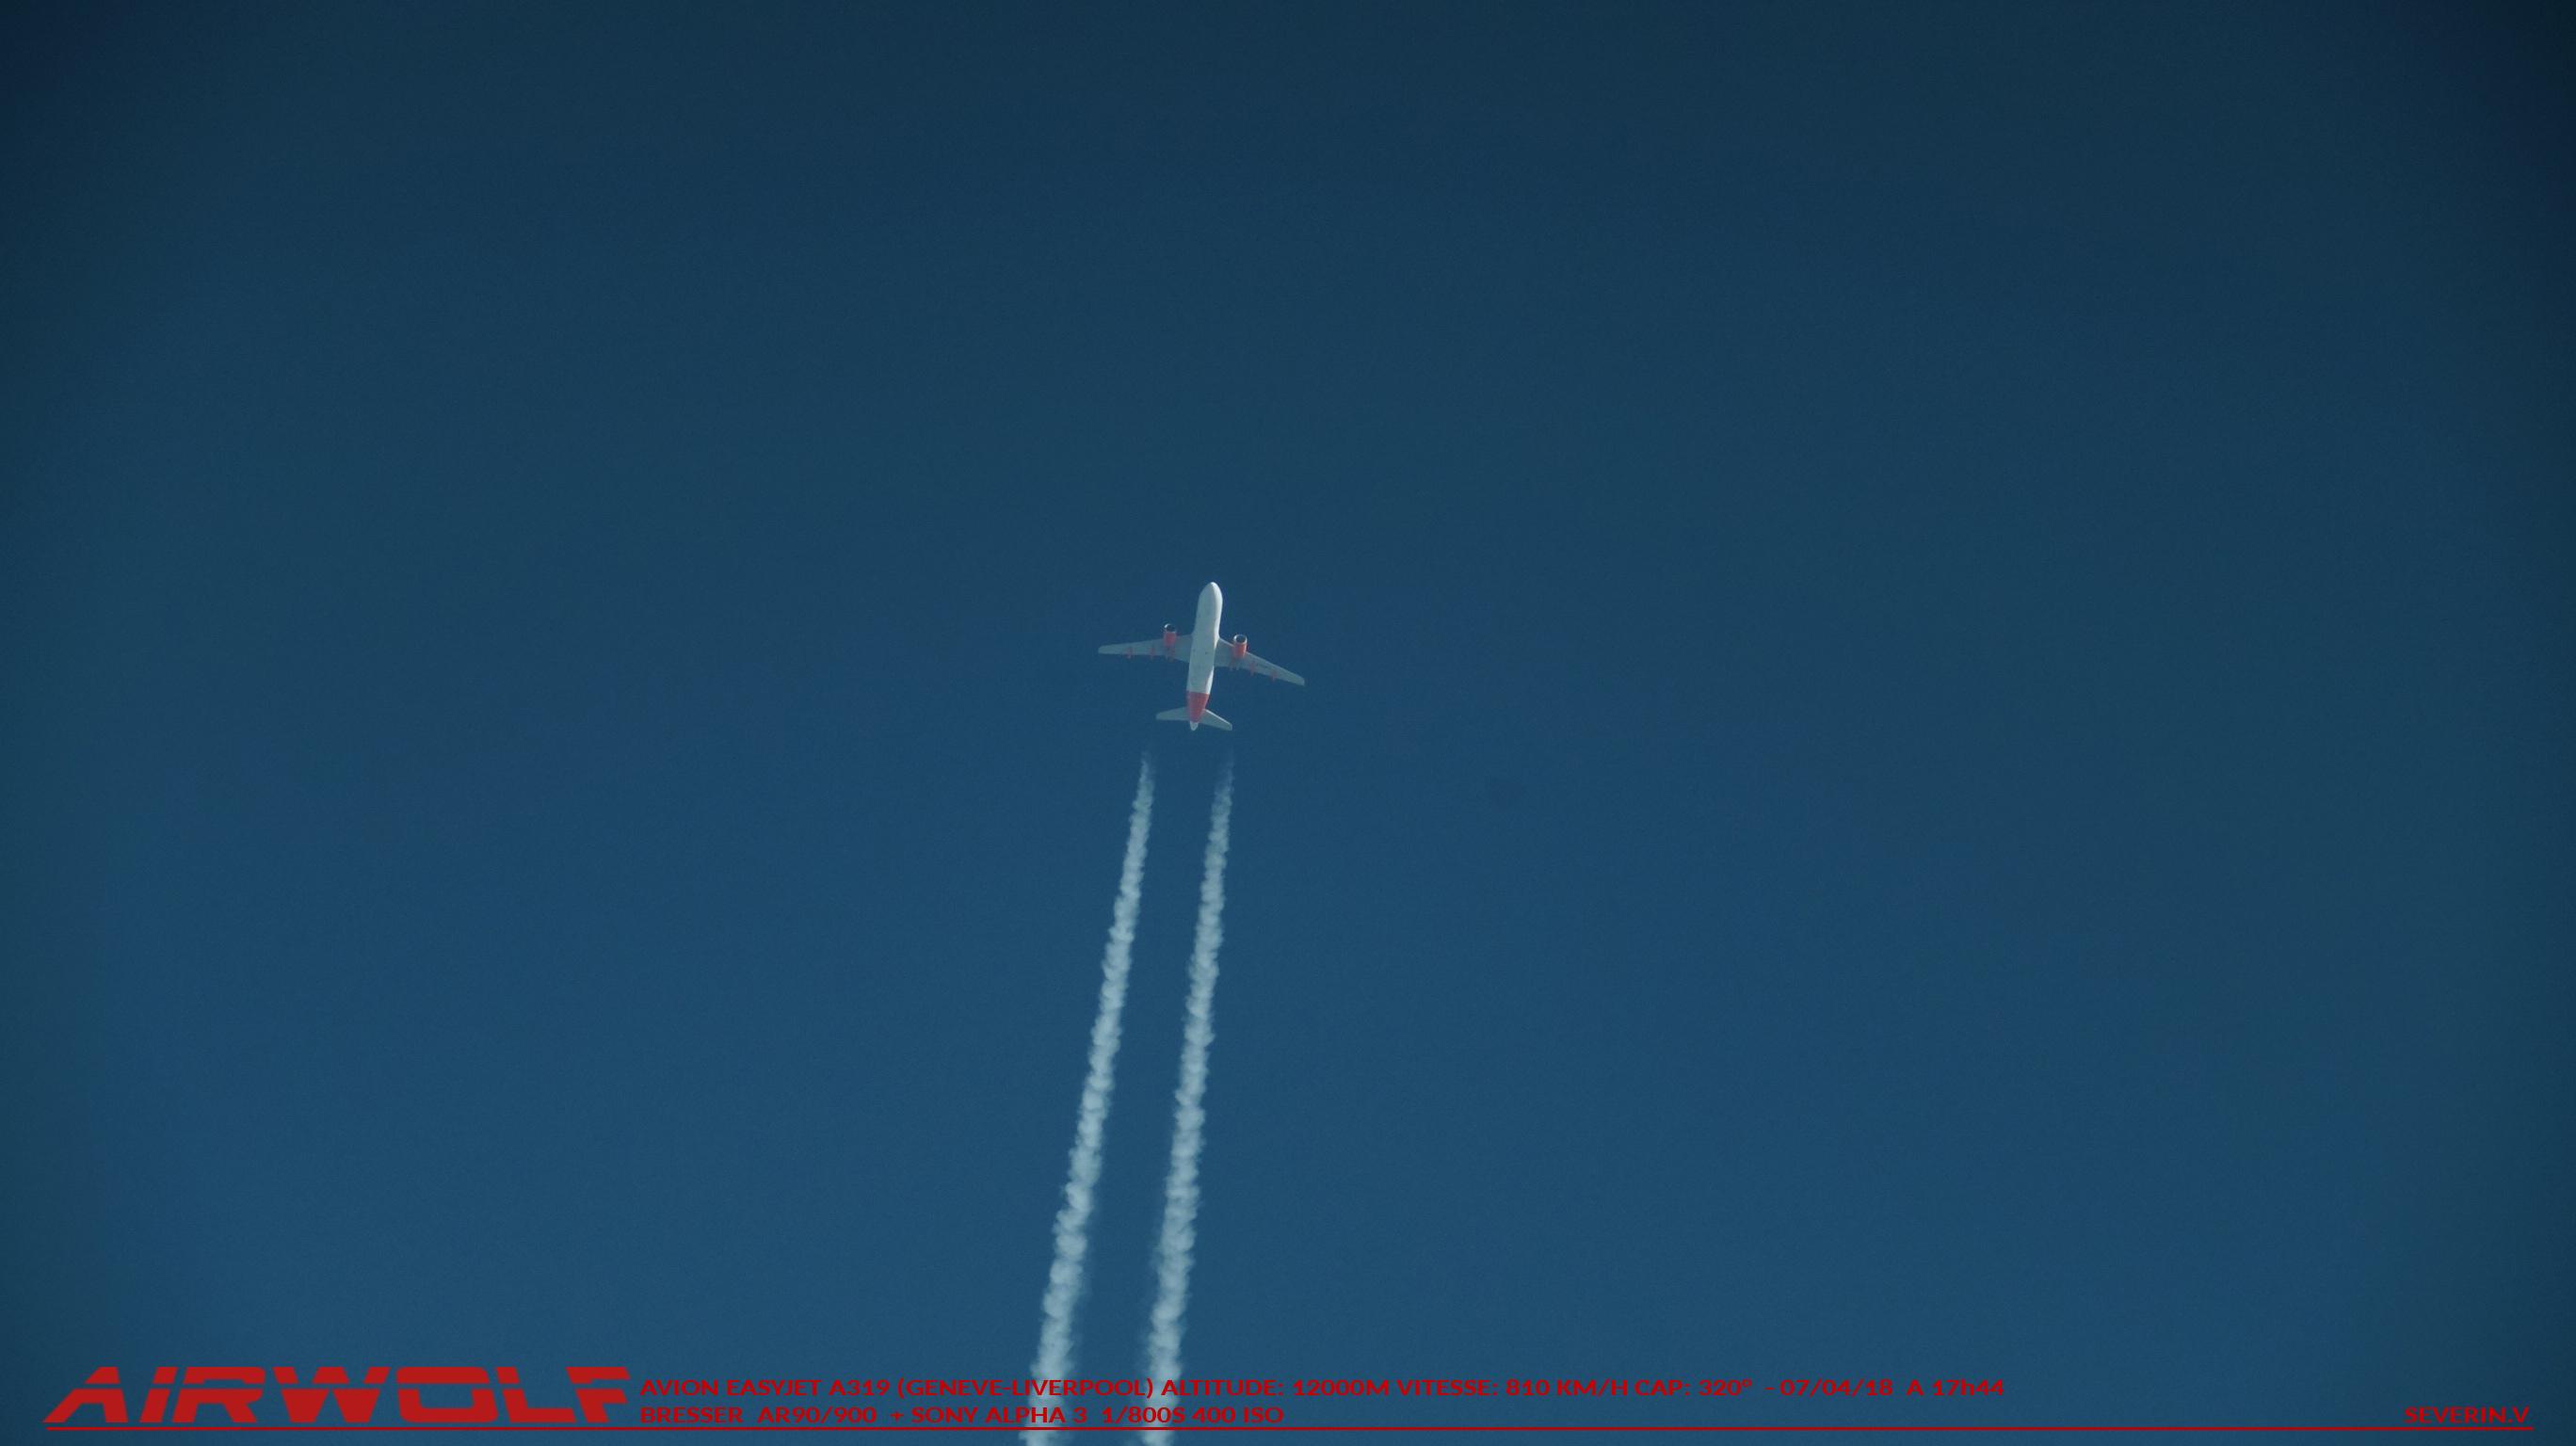 Avion  blanc avec liseré rouge  07-05-18